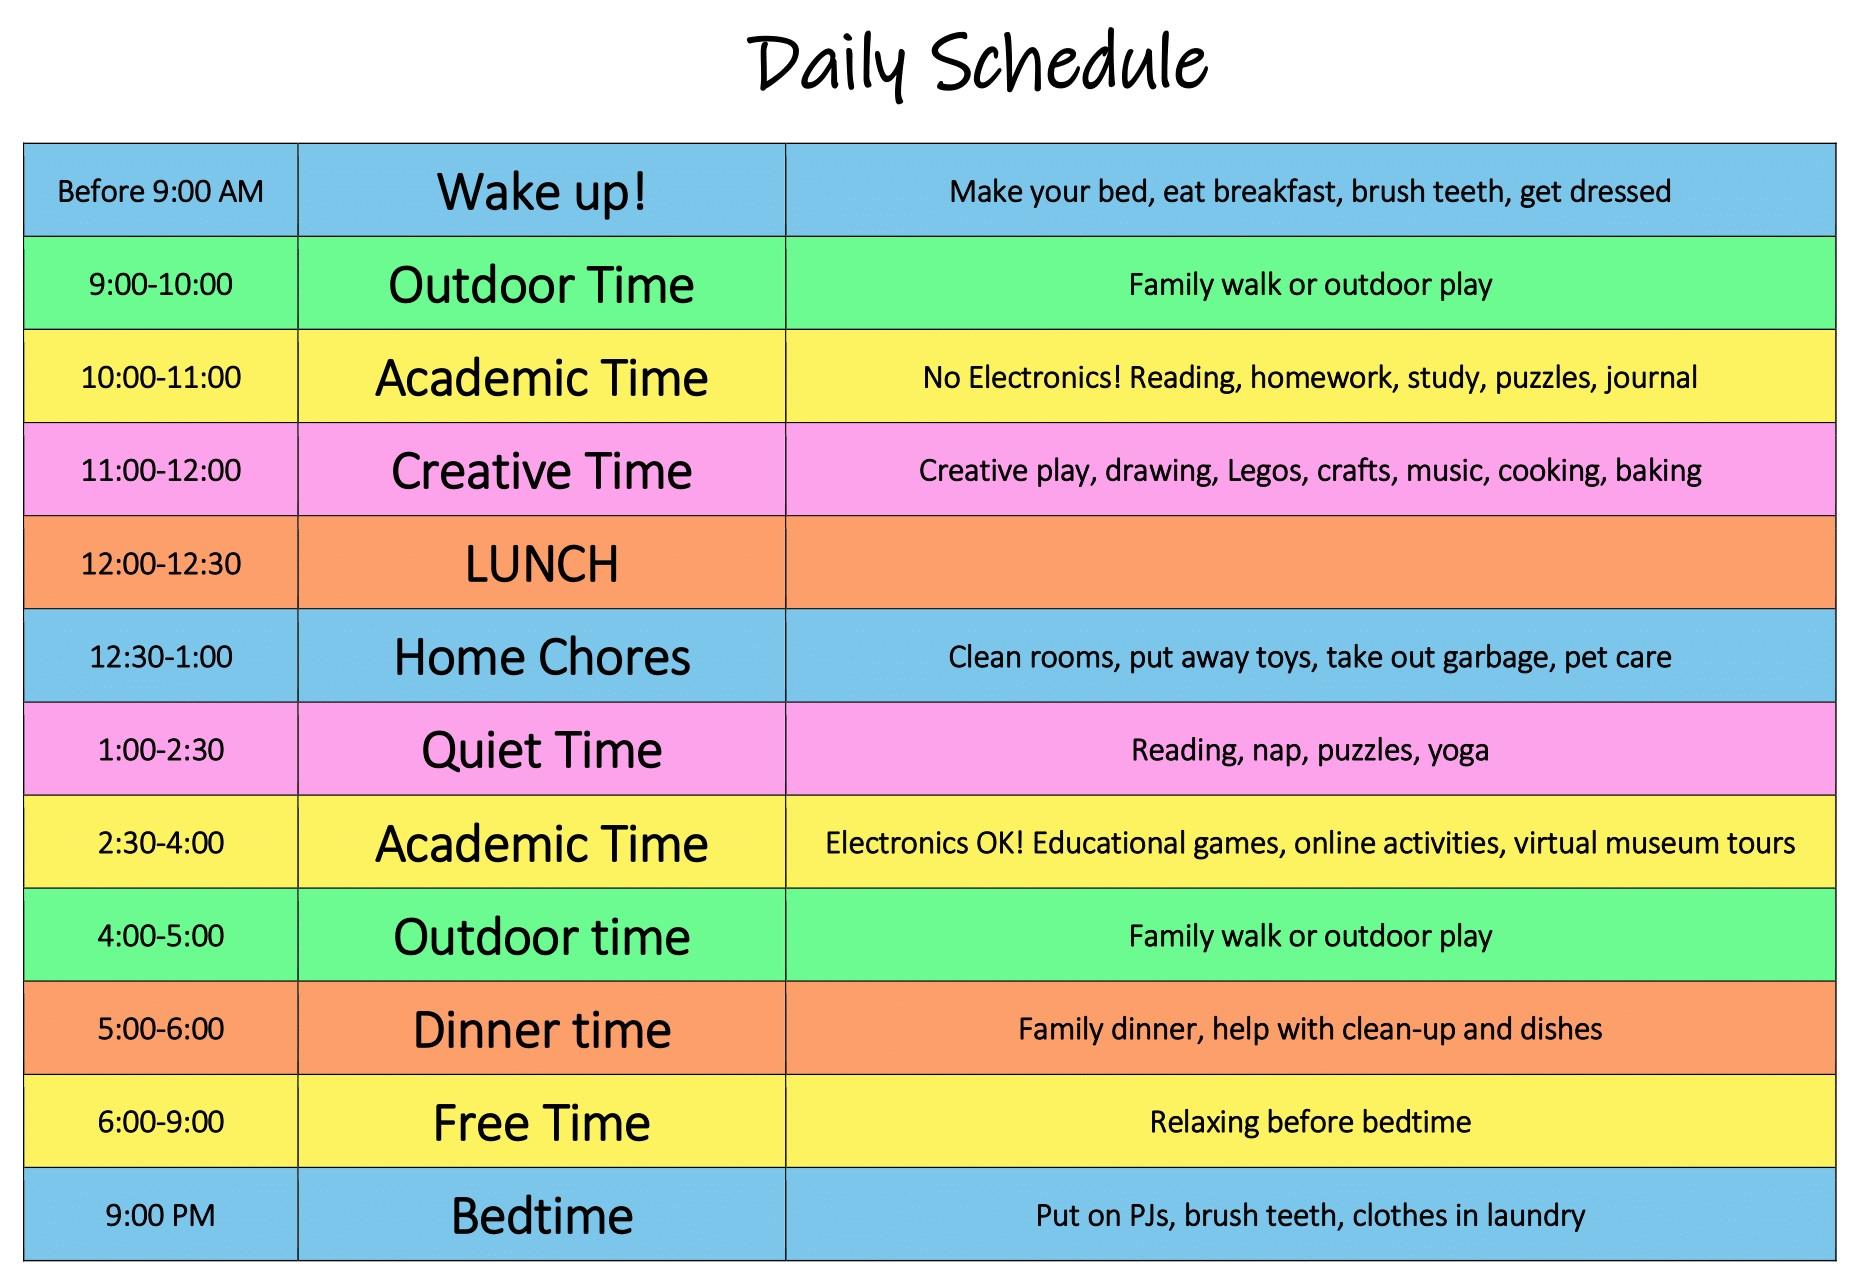 Daily-Schedule-1.jpg (1856×1282)